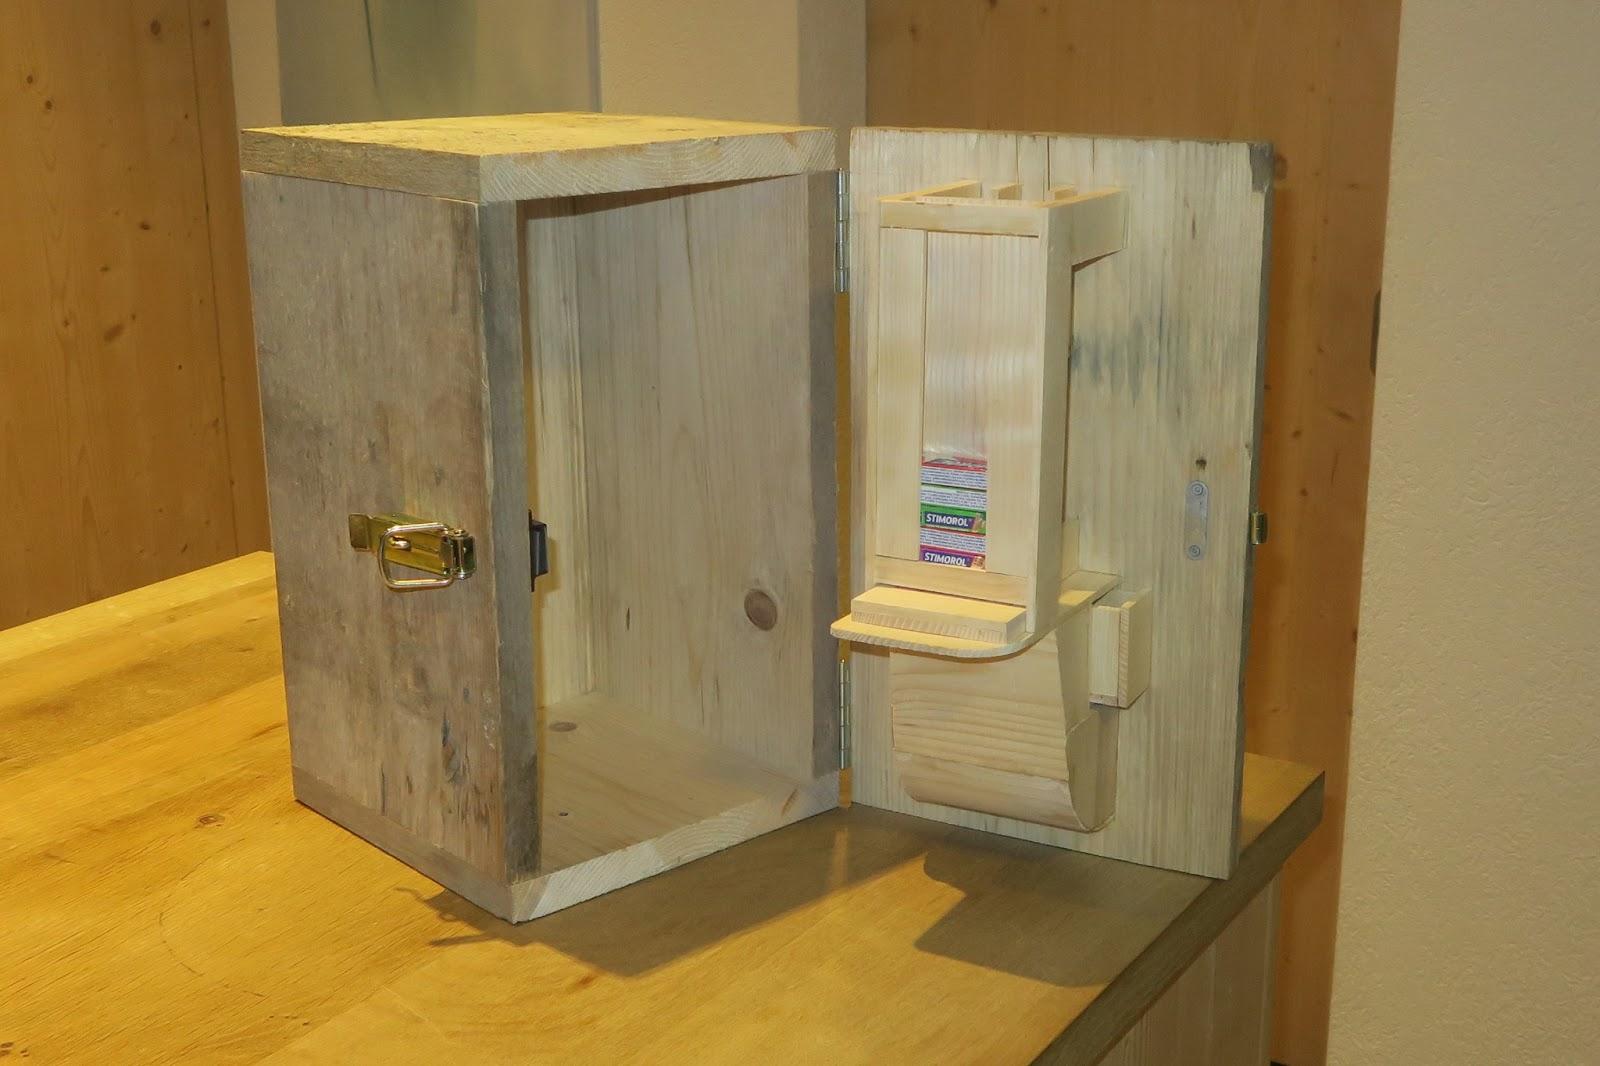 holzhaus wir bauen ein haus aus holz kaugummiautomat selber bauen. Black Bedroom Furniture Sets. Home Design Ideas